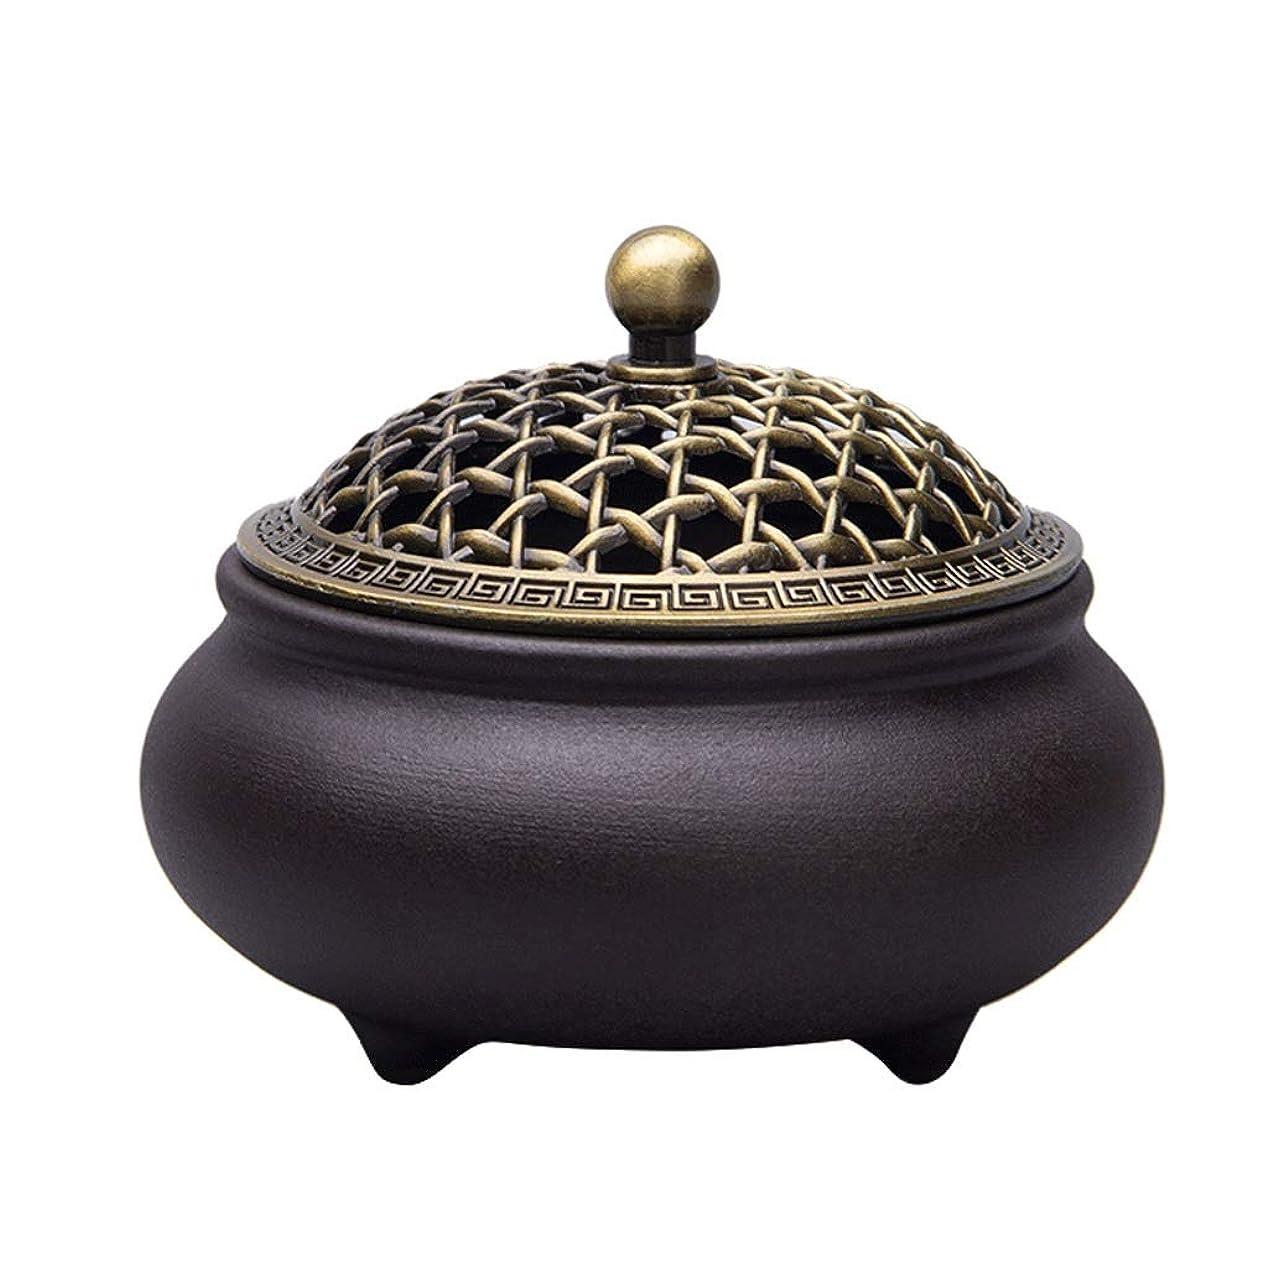 紫の推進、動かす湿地ホームアロマバーナー セラミック香炉3本足アロマテラピー炉ホームインテリア装飾品 芳香器アロマバーナー (Color : A)